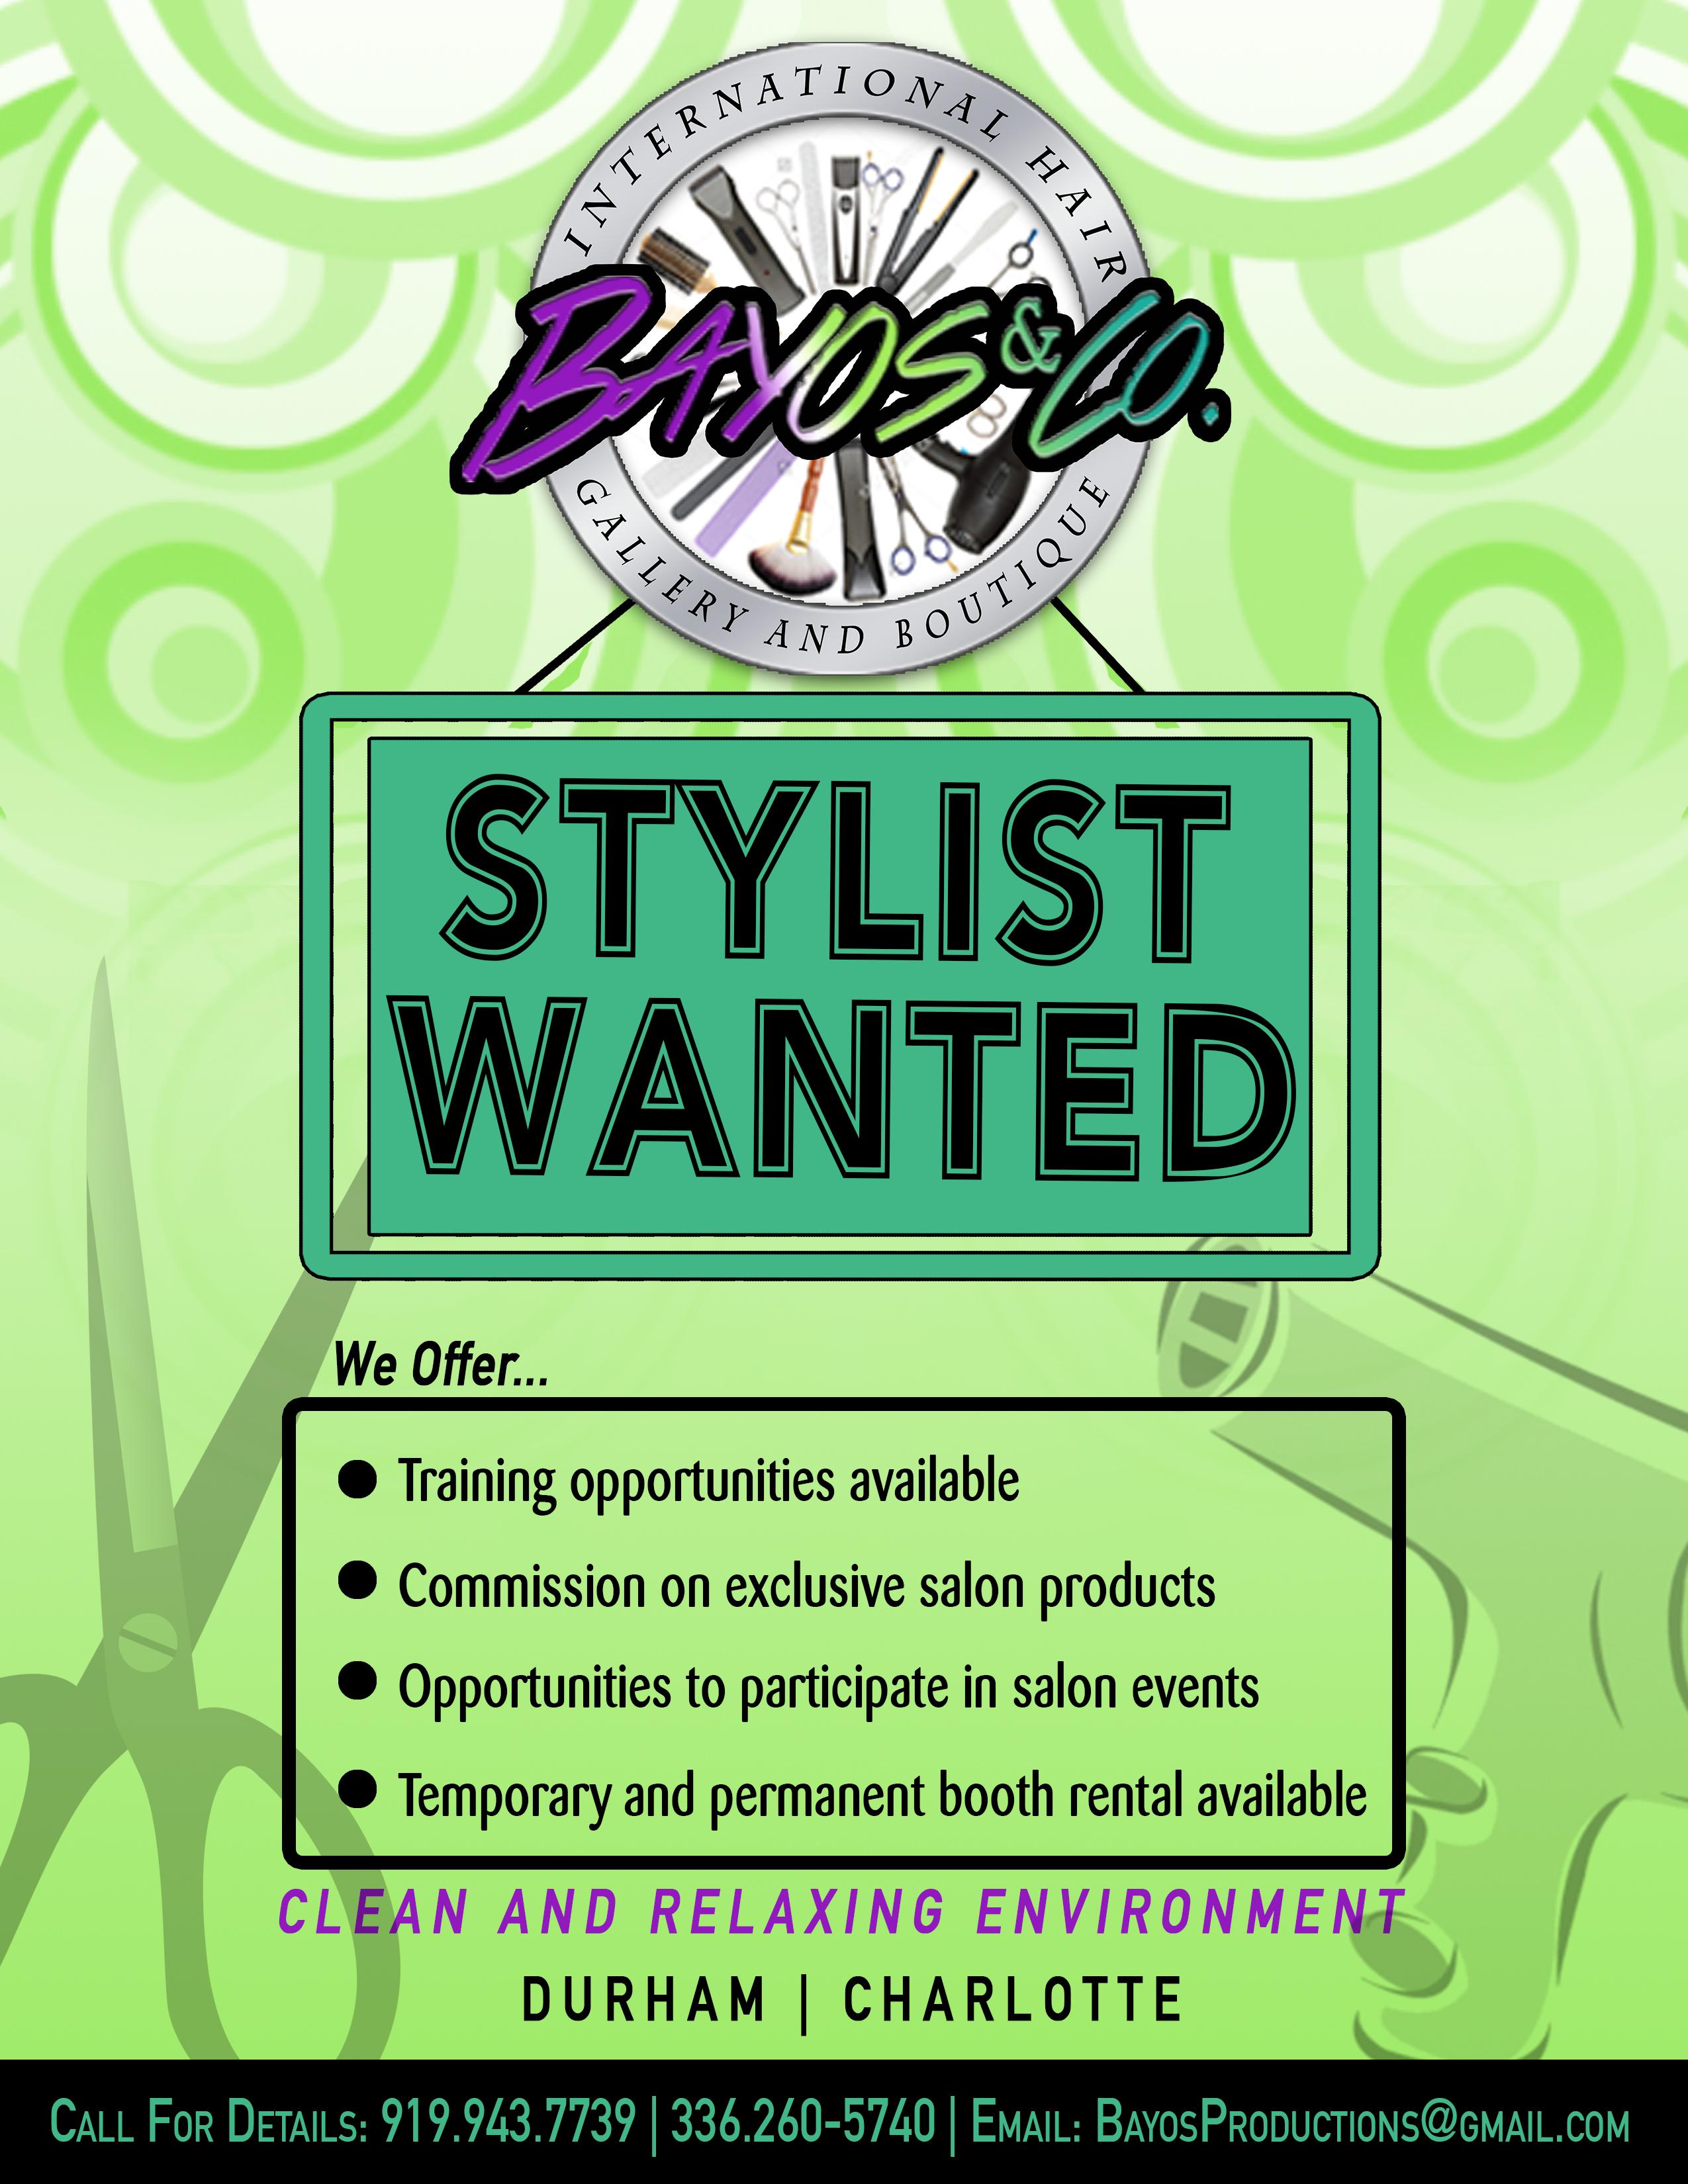 stylistwanted